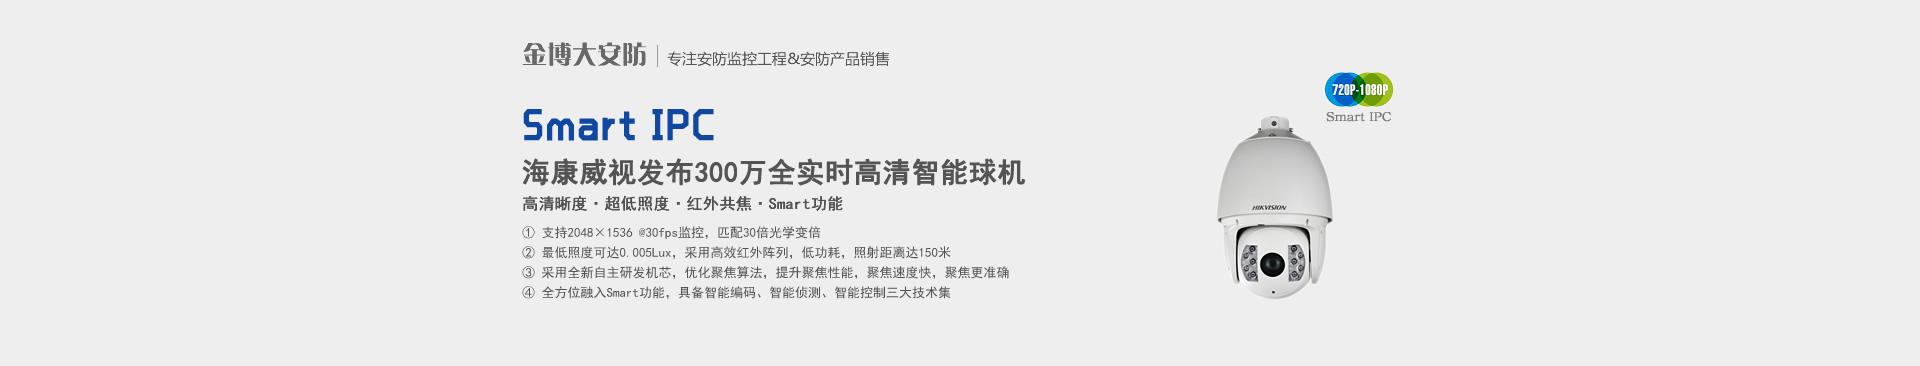 vwin德赢在线登录德赢vwin官网发布业内首款300万全实时高清智能球机